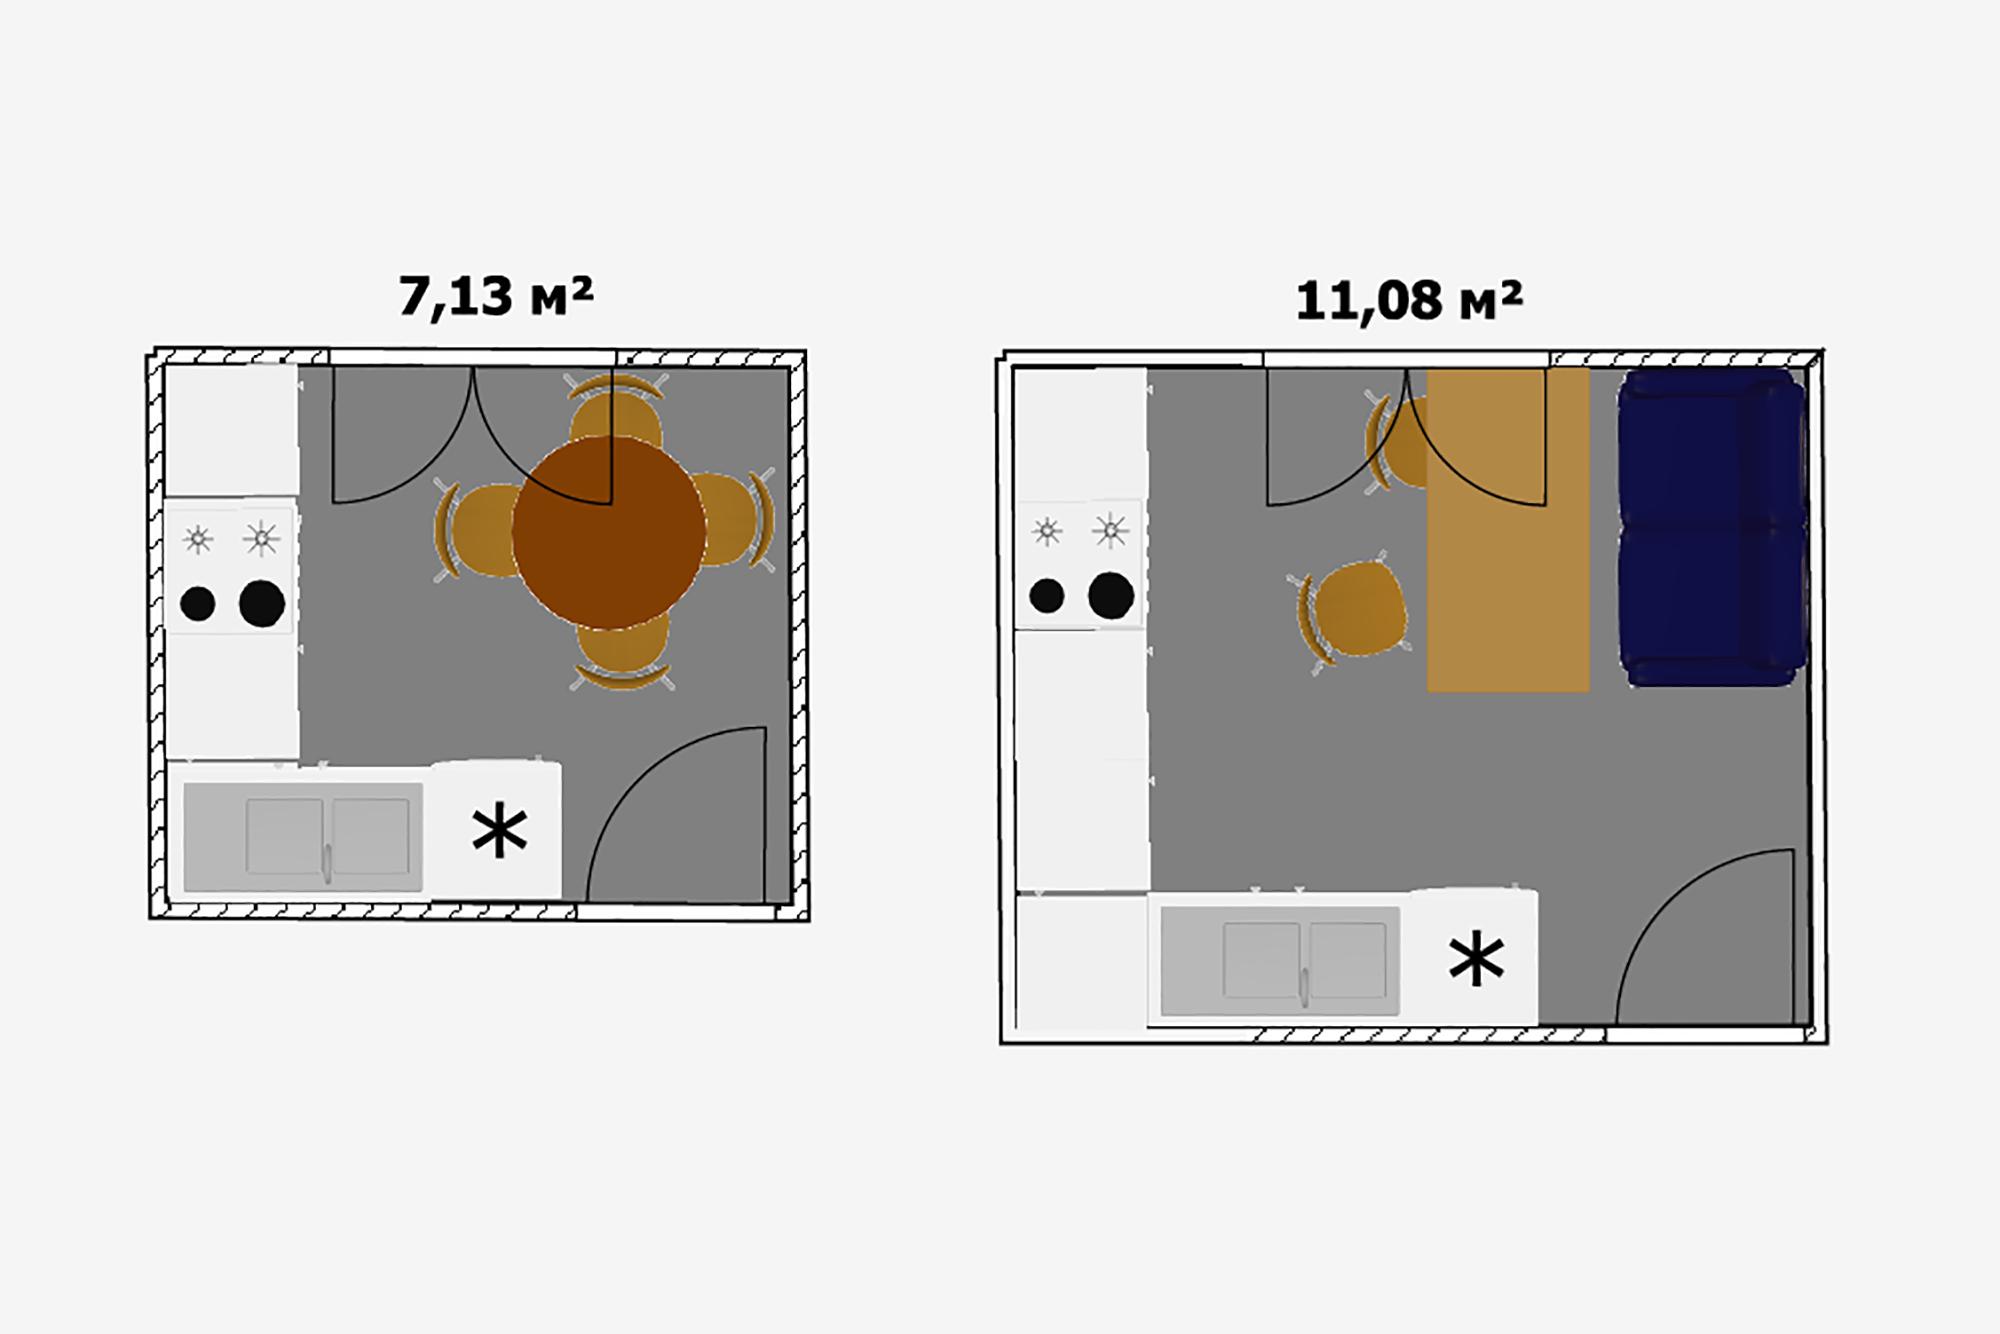 Если накухне планируется только готовить иесть, причем без семейных застолий, тотеоретически для этого достаточно 7м². Изэтого иисходили проектировщики хрущевок. Кухня площадью более 10м²вместит больше мебели, например остров или диванчик. Тогда она даже сможет выполнять функцию гостиной внебольшой квартире